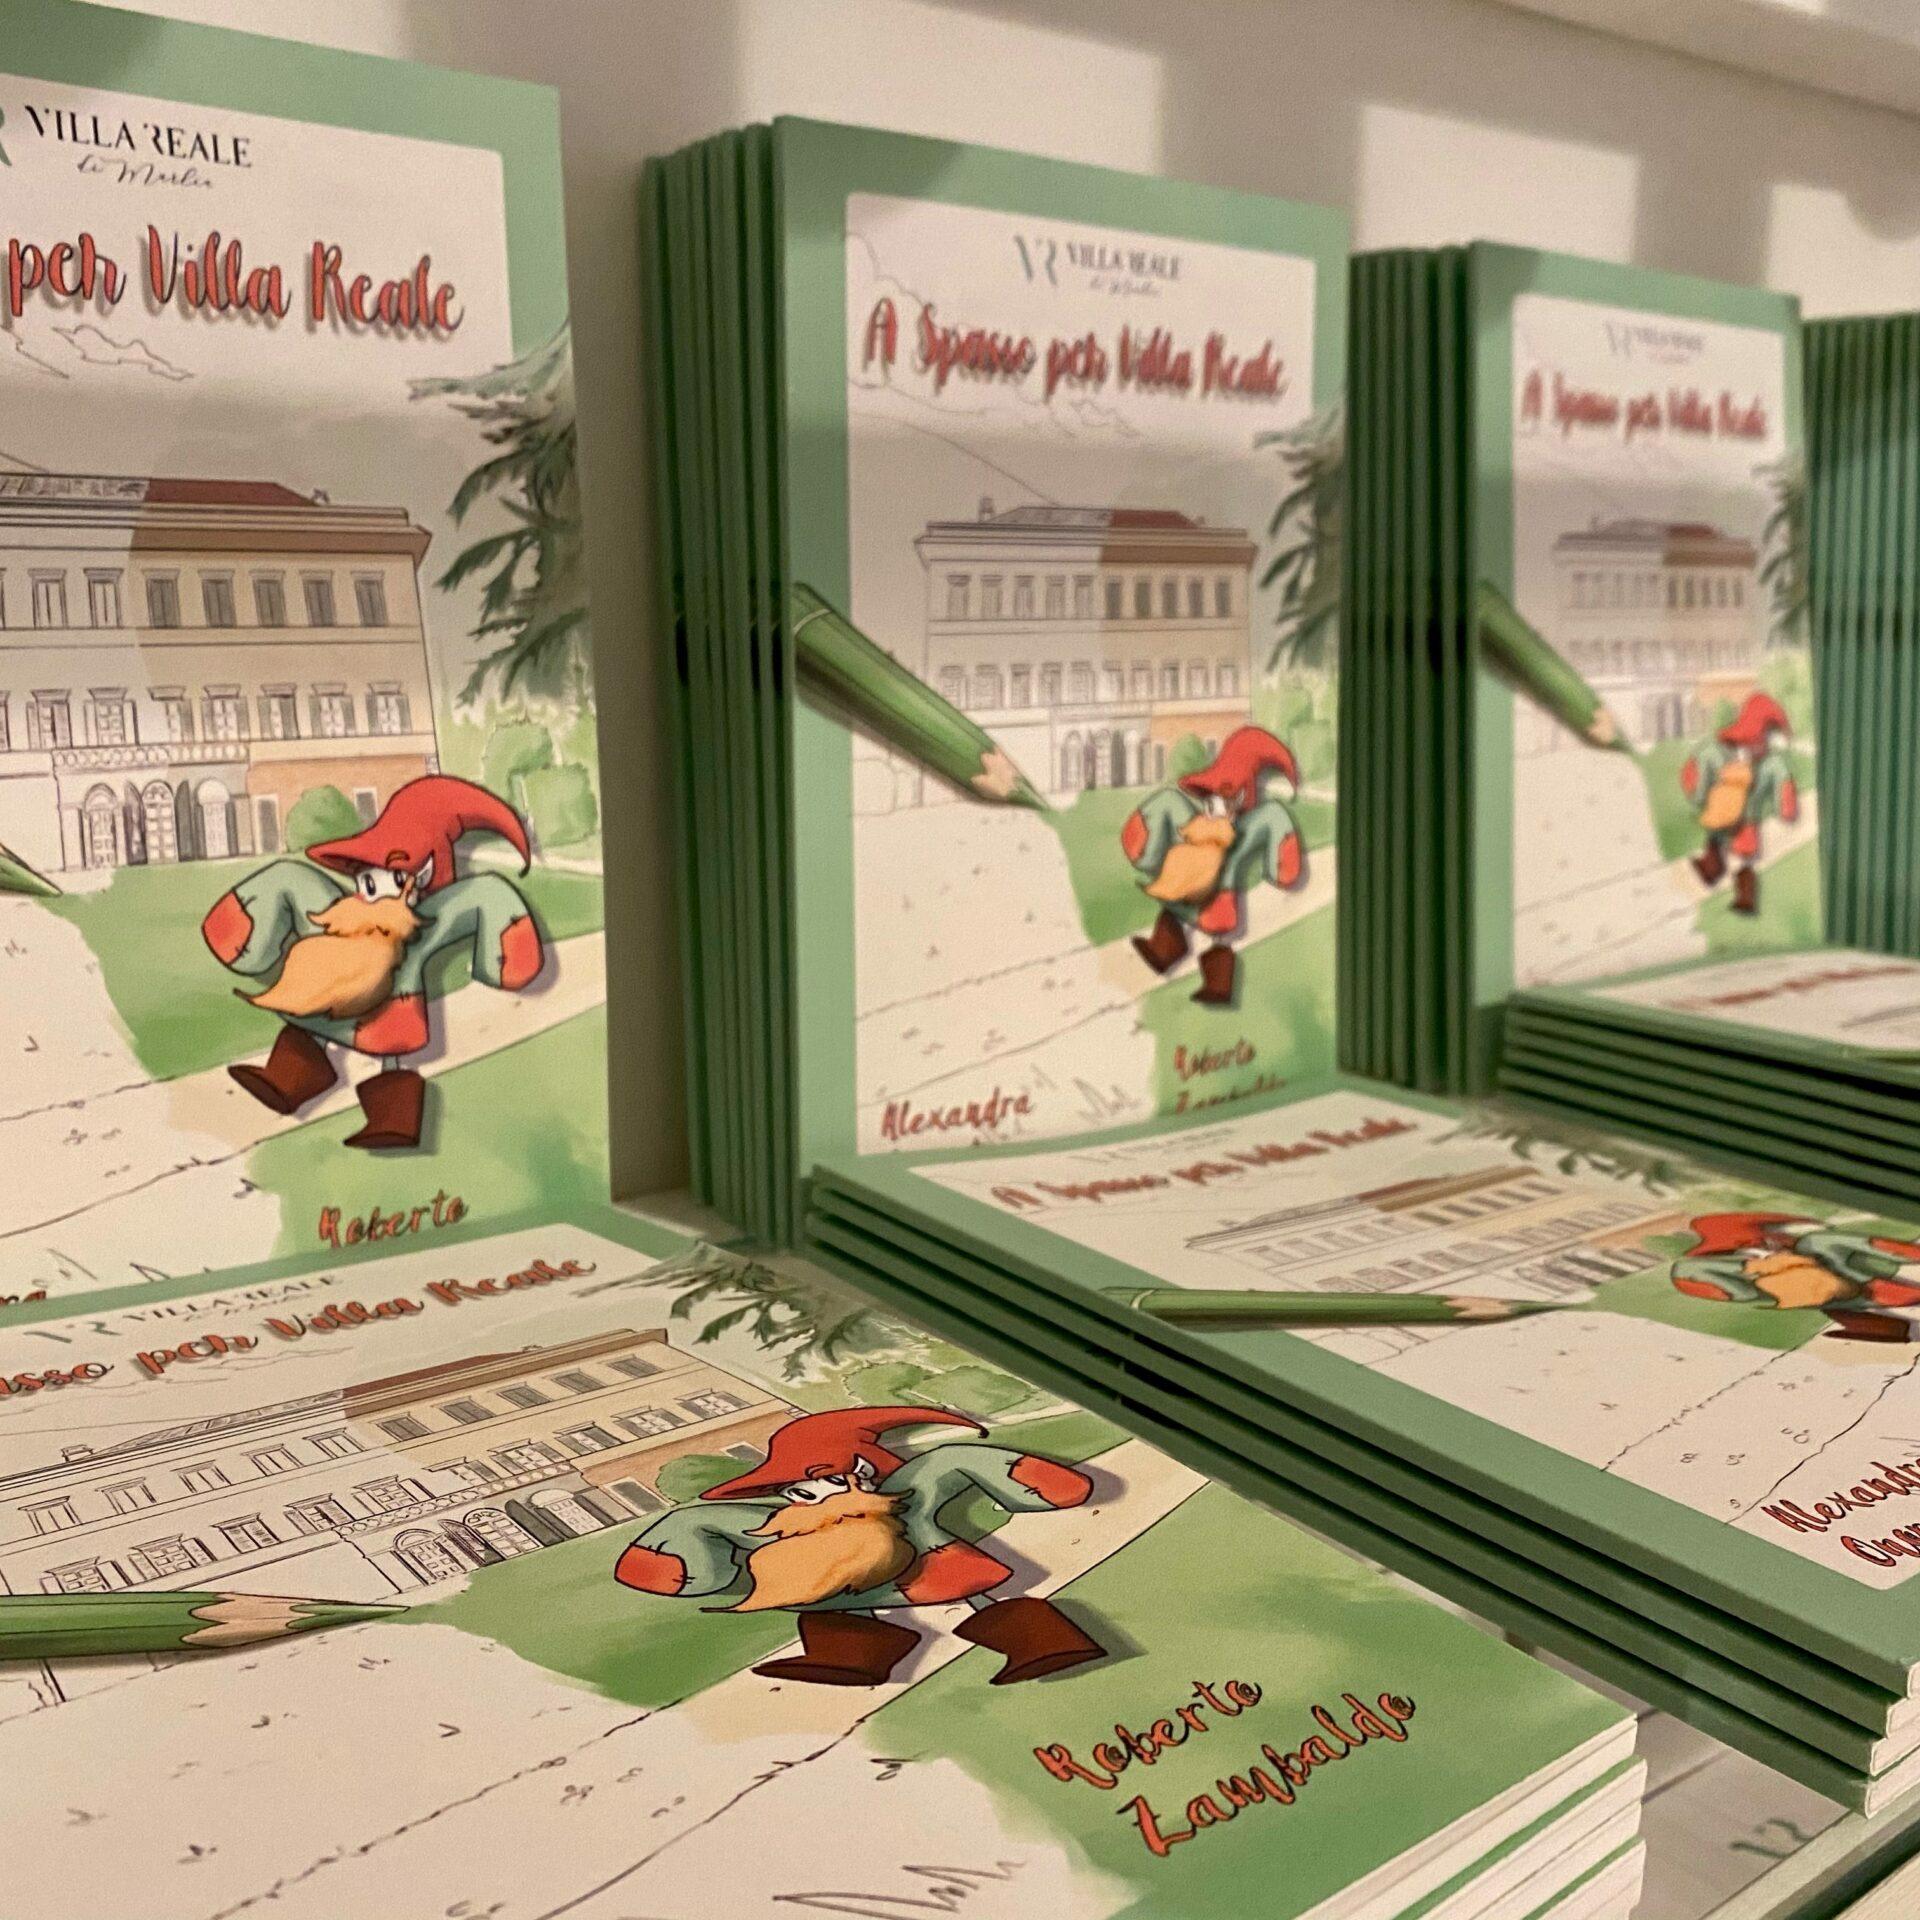 Libro per bambini - A spasso per Villa Reale_bookshop